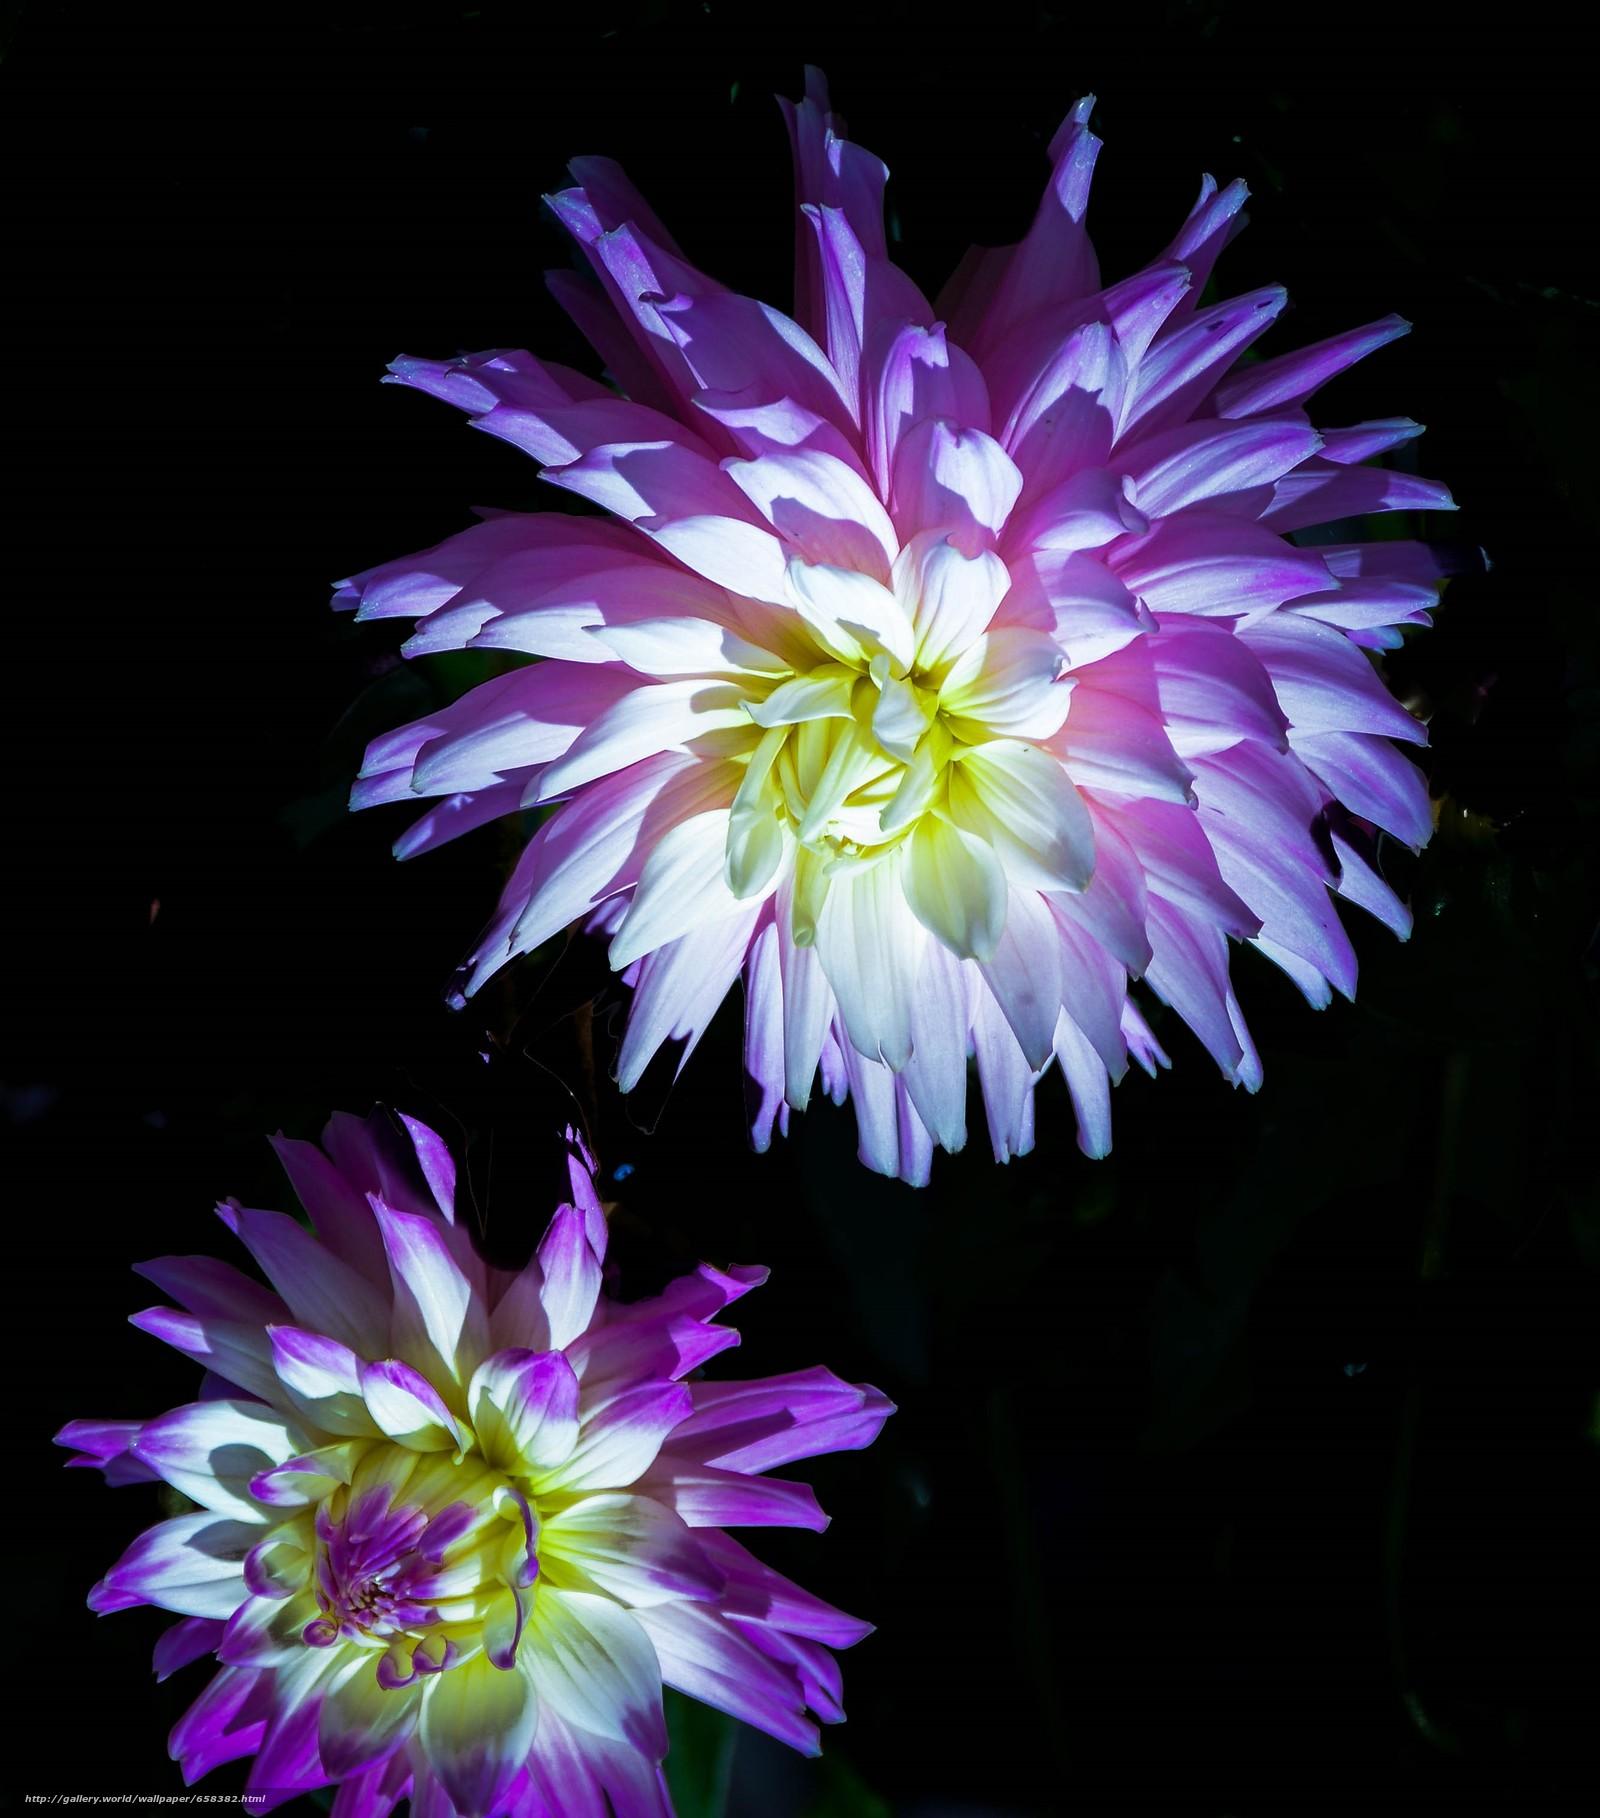 Tlcharger Fond d'ecran fleur,  Fleurs,  flore,  dahlia Fonds d'ecran gratuits pour votre rsolution du bureau 2683x3048 — image №658382